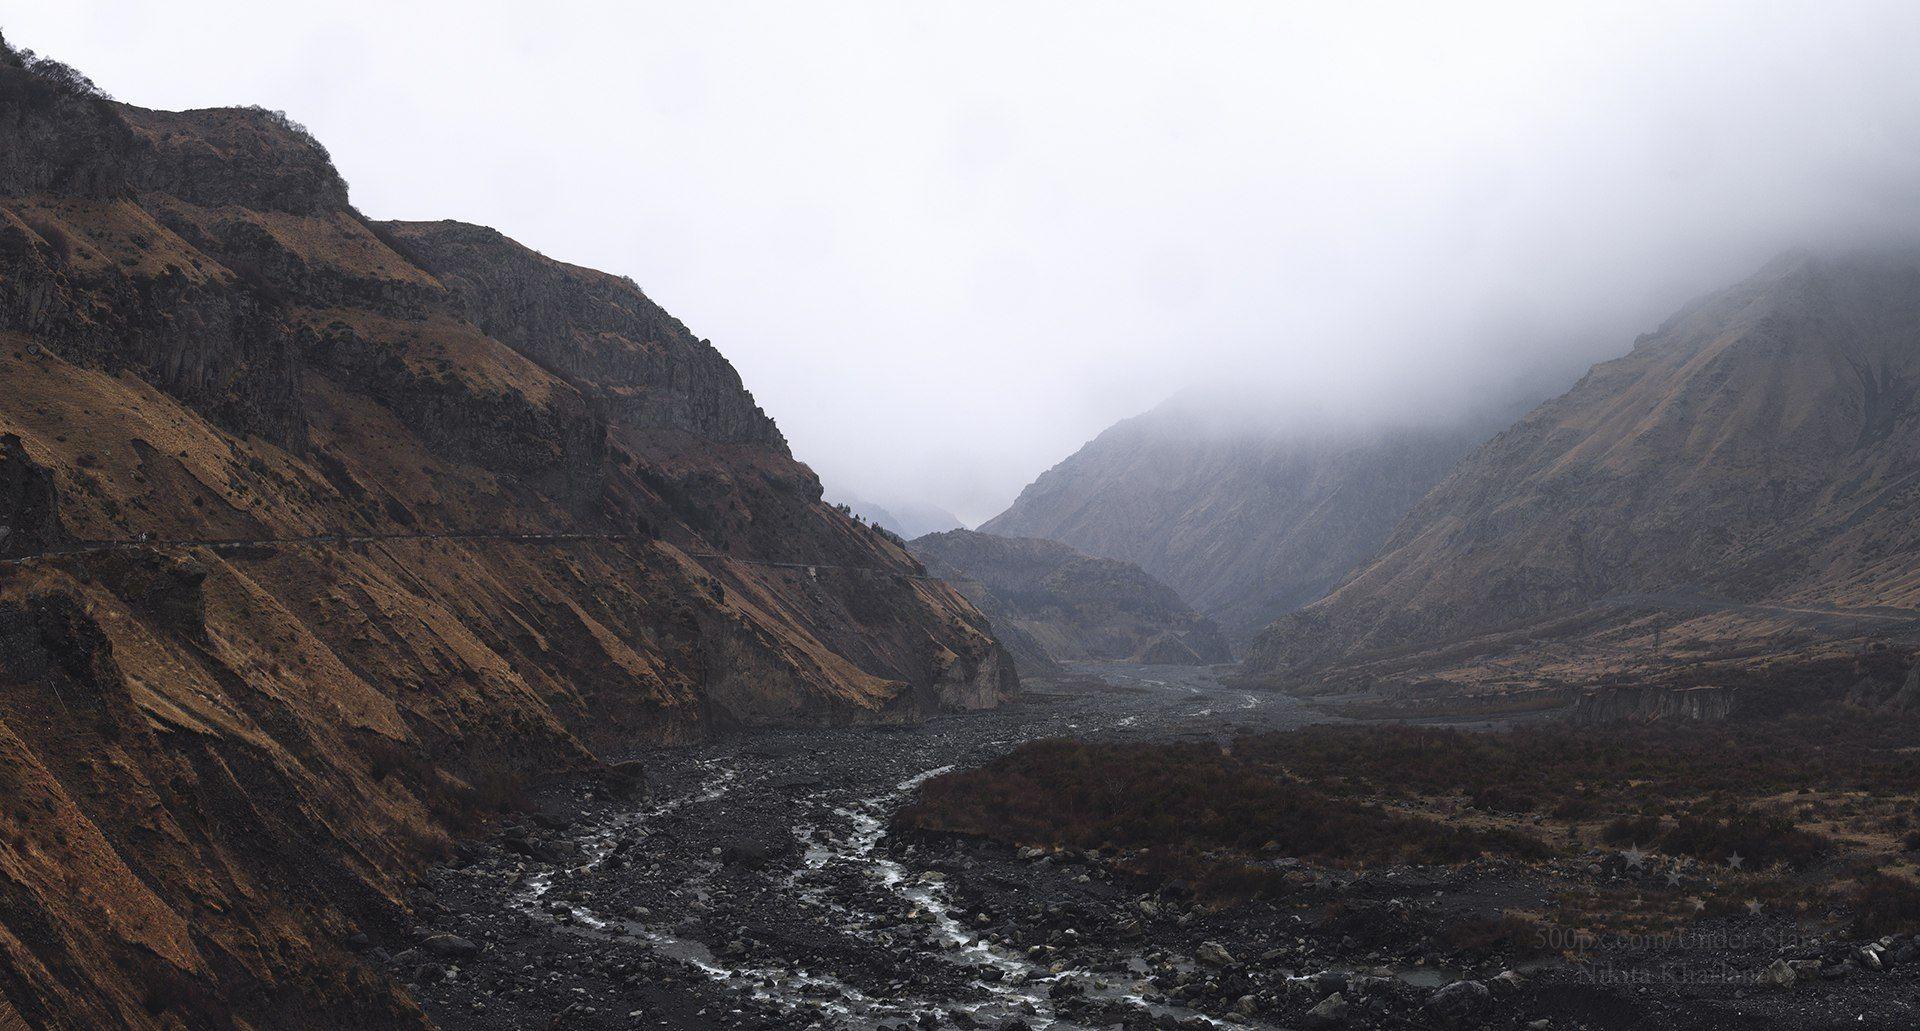 кавказ, грузия, горы, дождь, река, горная река, казбеги, степанцмида, Харланов Никита